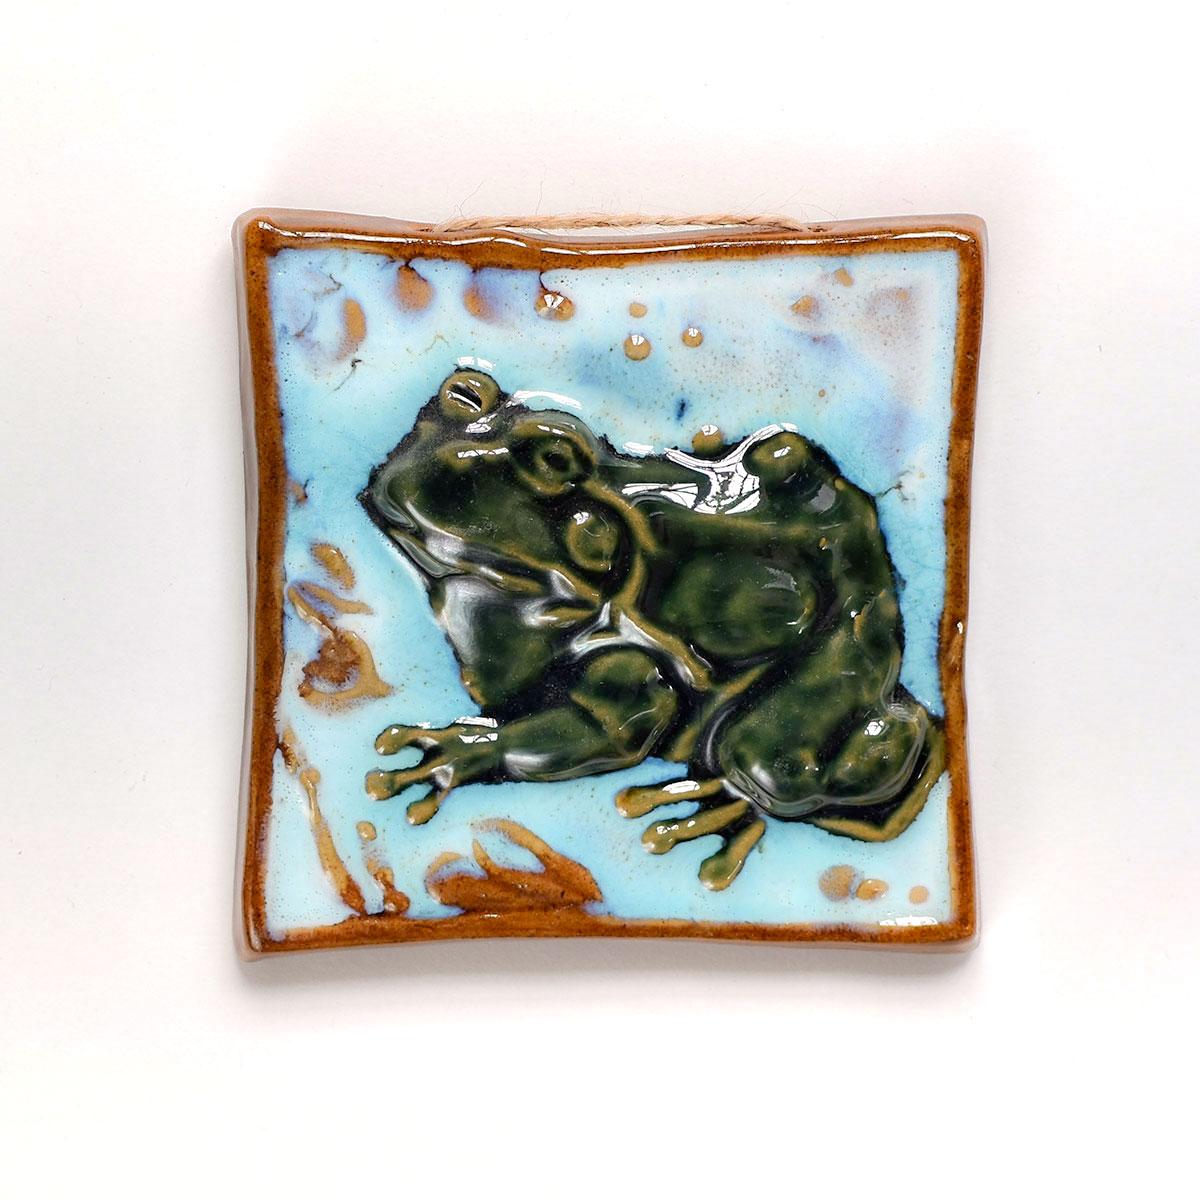 """картинка Керамический изразец """"Лягушка"""" - DishWishes.Ru"""